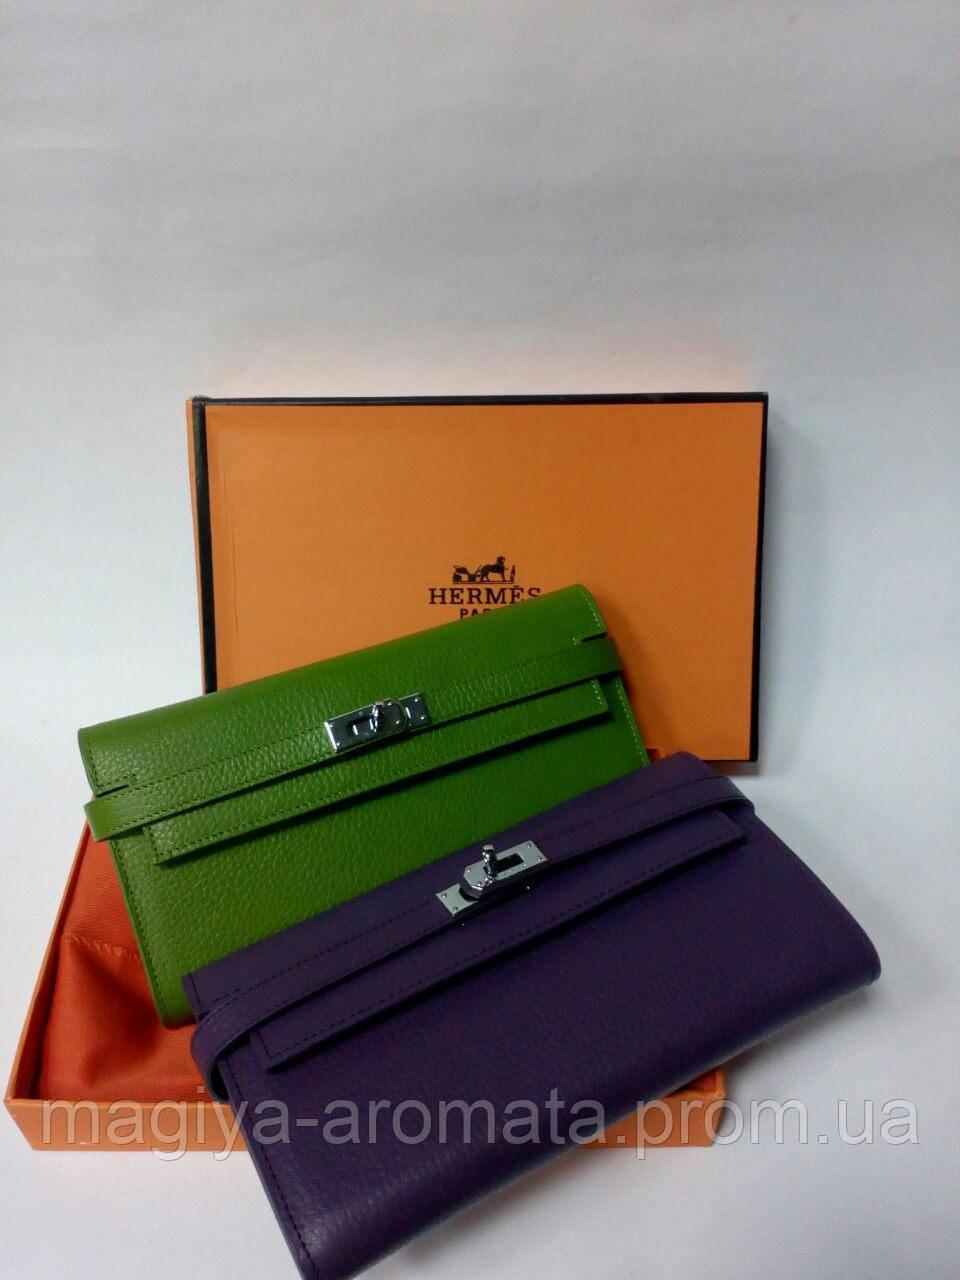 8d4e59110171 Женский кожаный кошелек от Hermes Original quality цвета в ассортименте -  Магия Аромата - Парфюмерия,